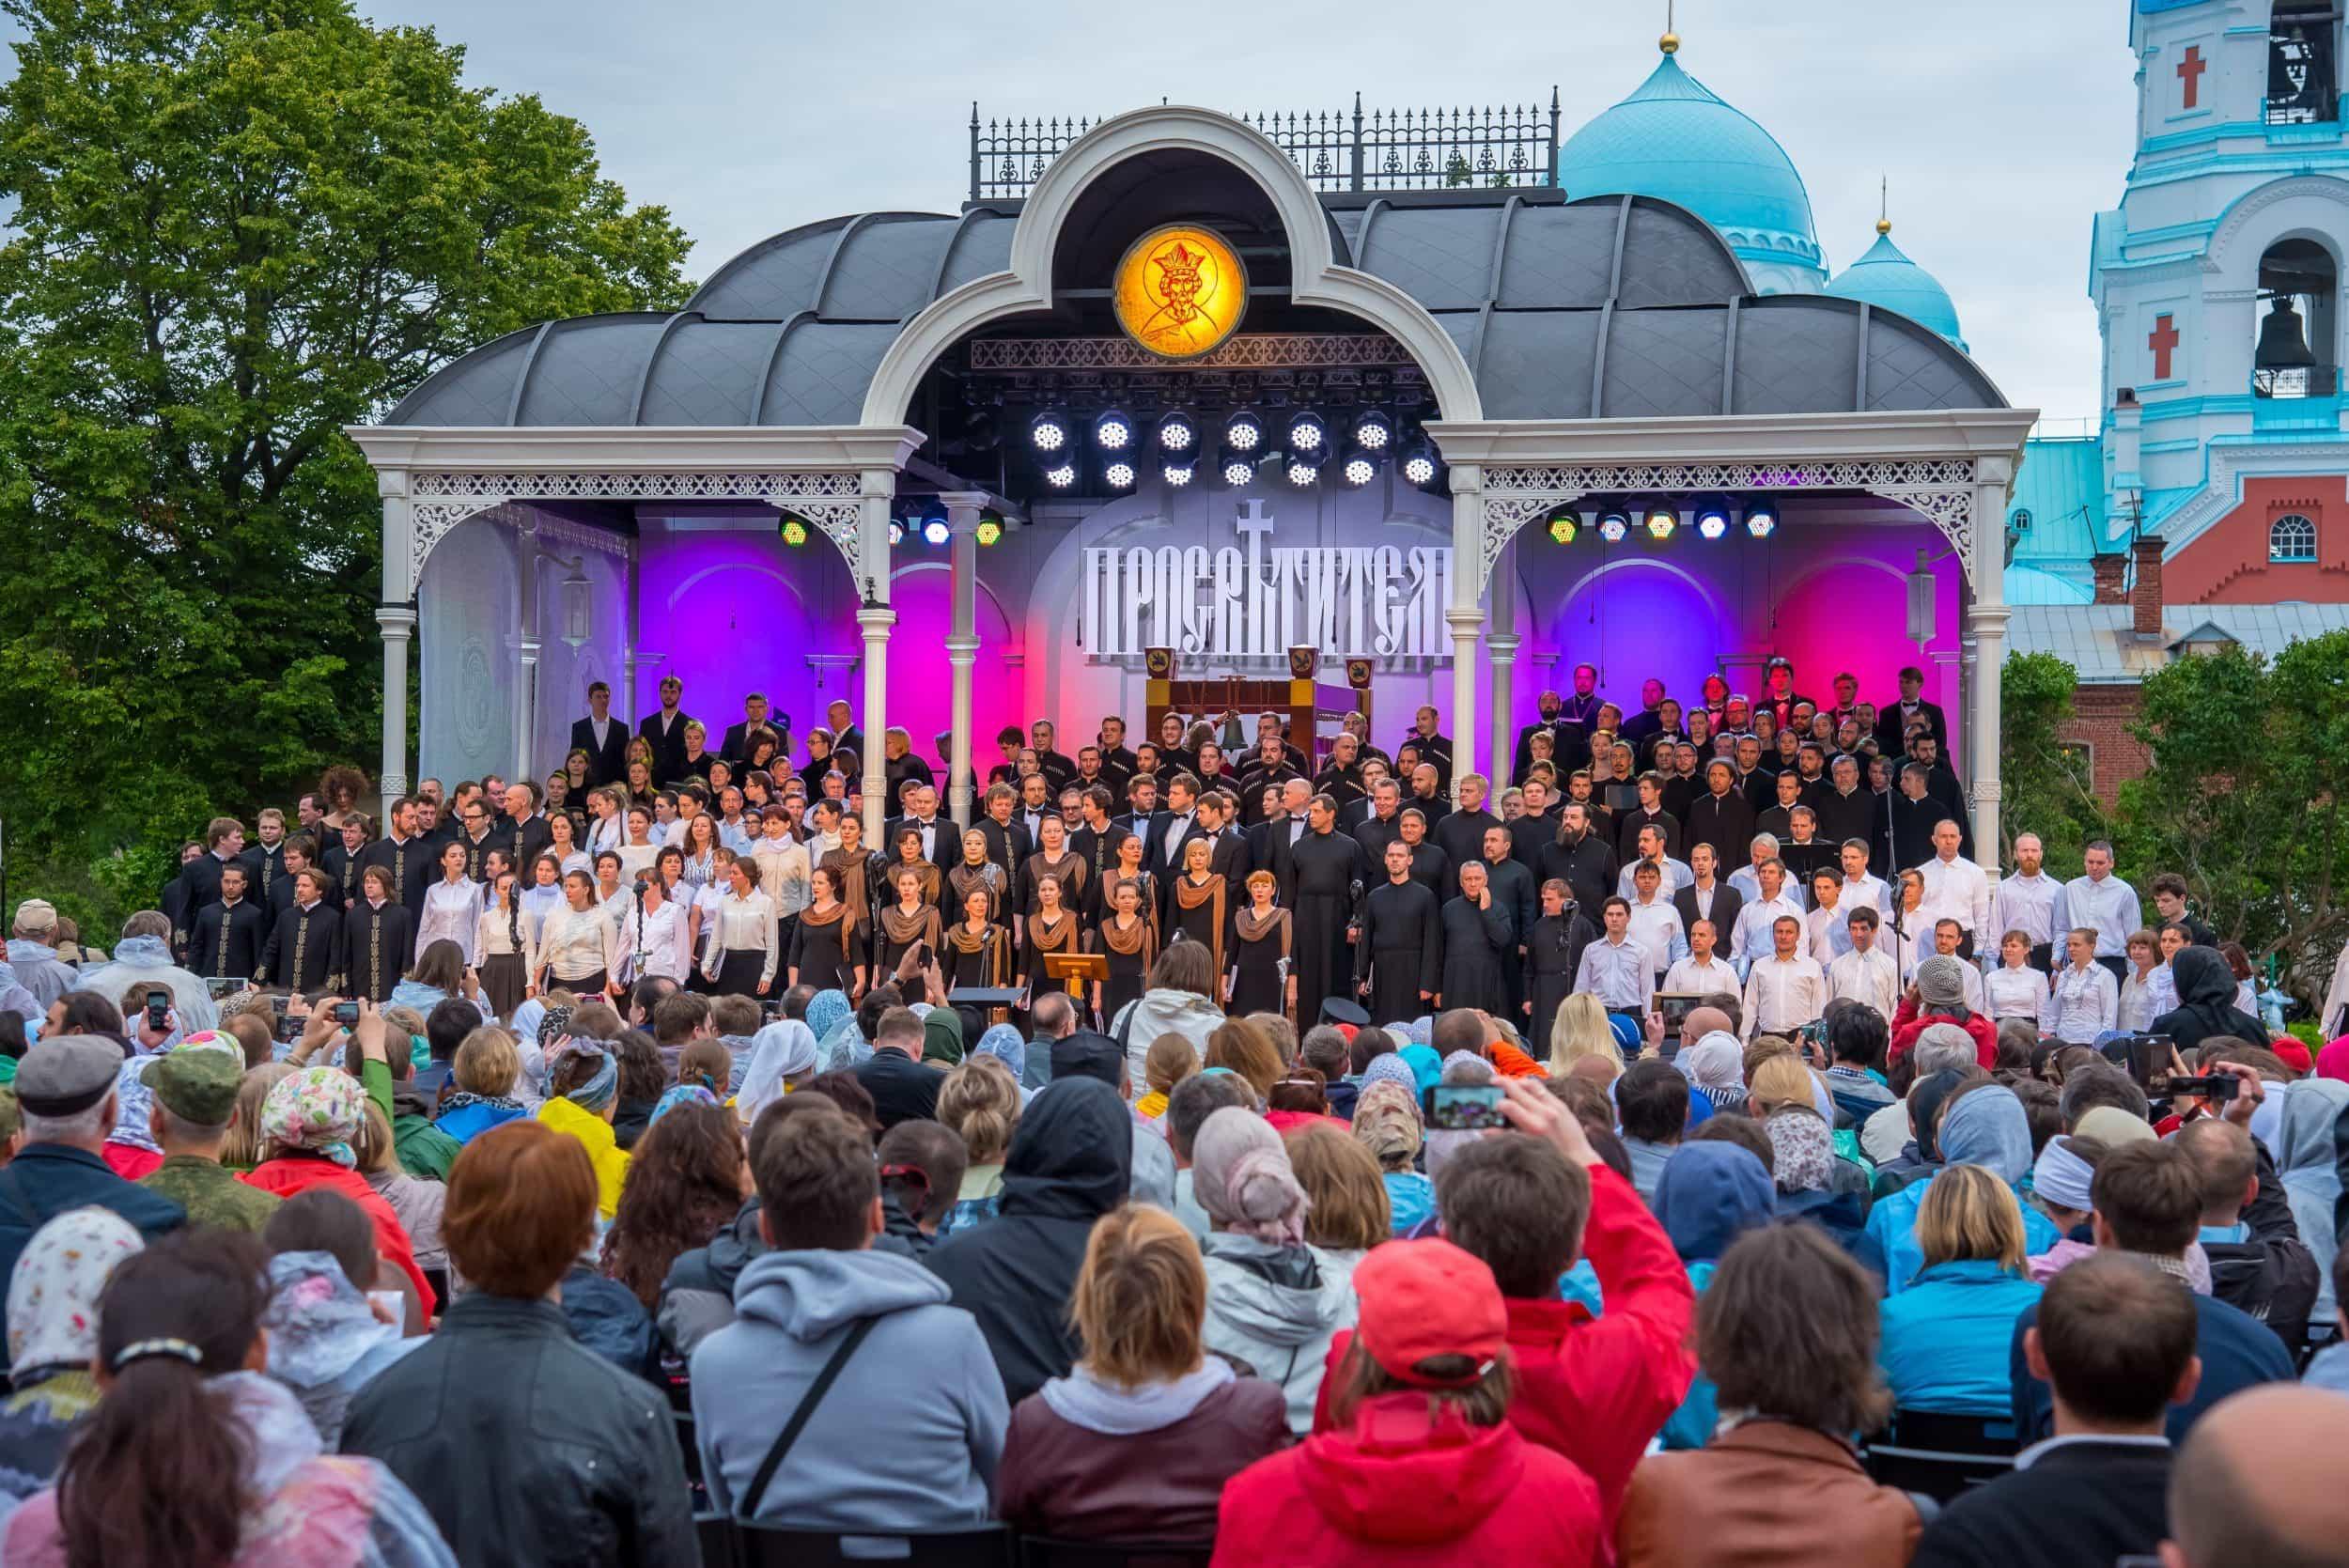 I Свято-Владимирский фестиваль православного пения «Просветитель»